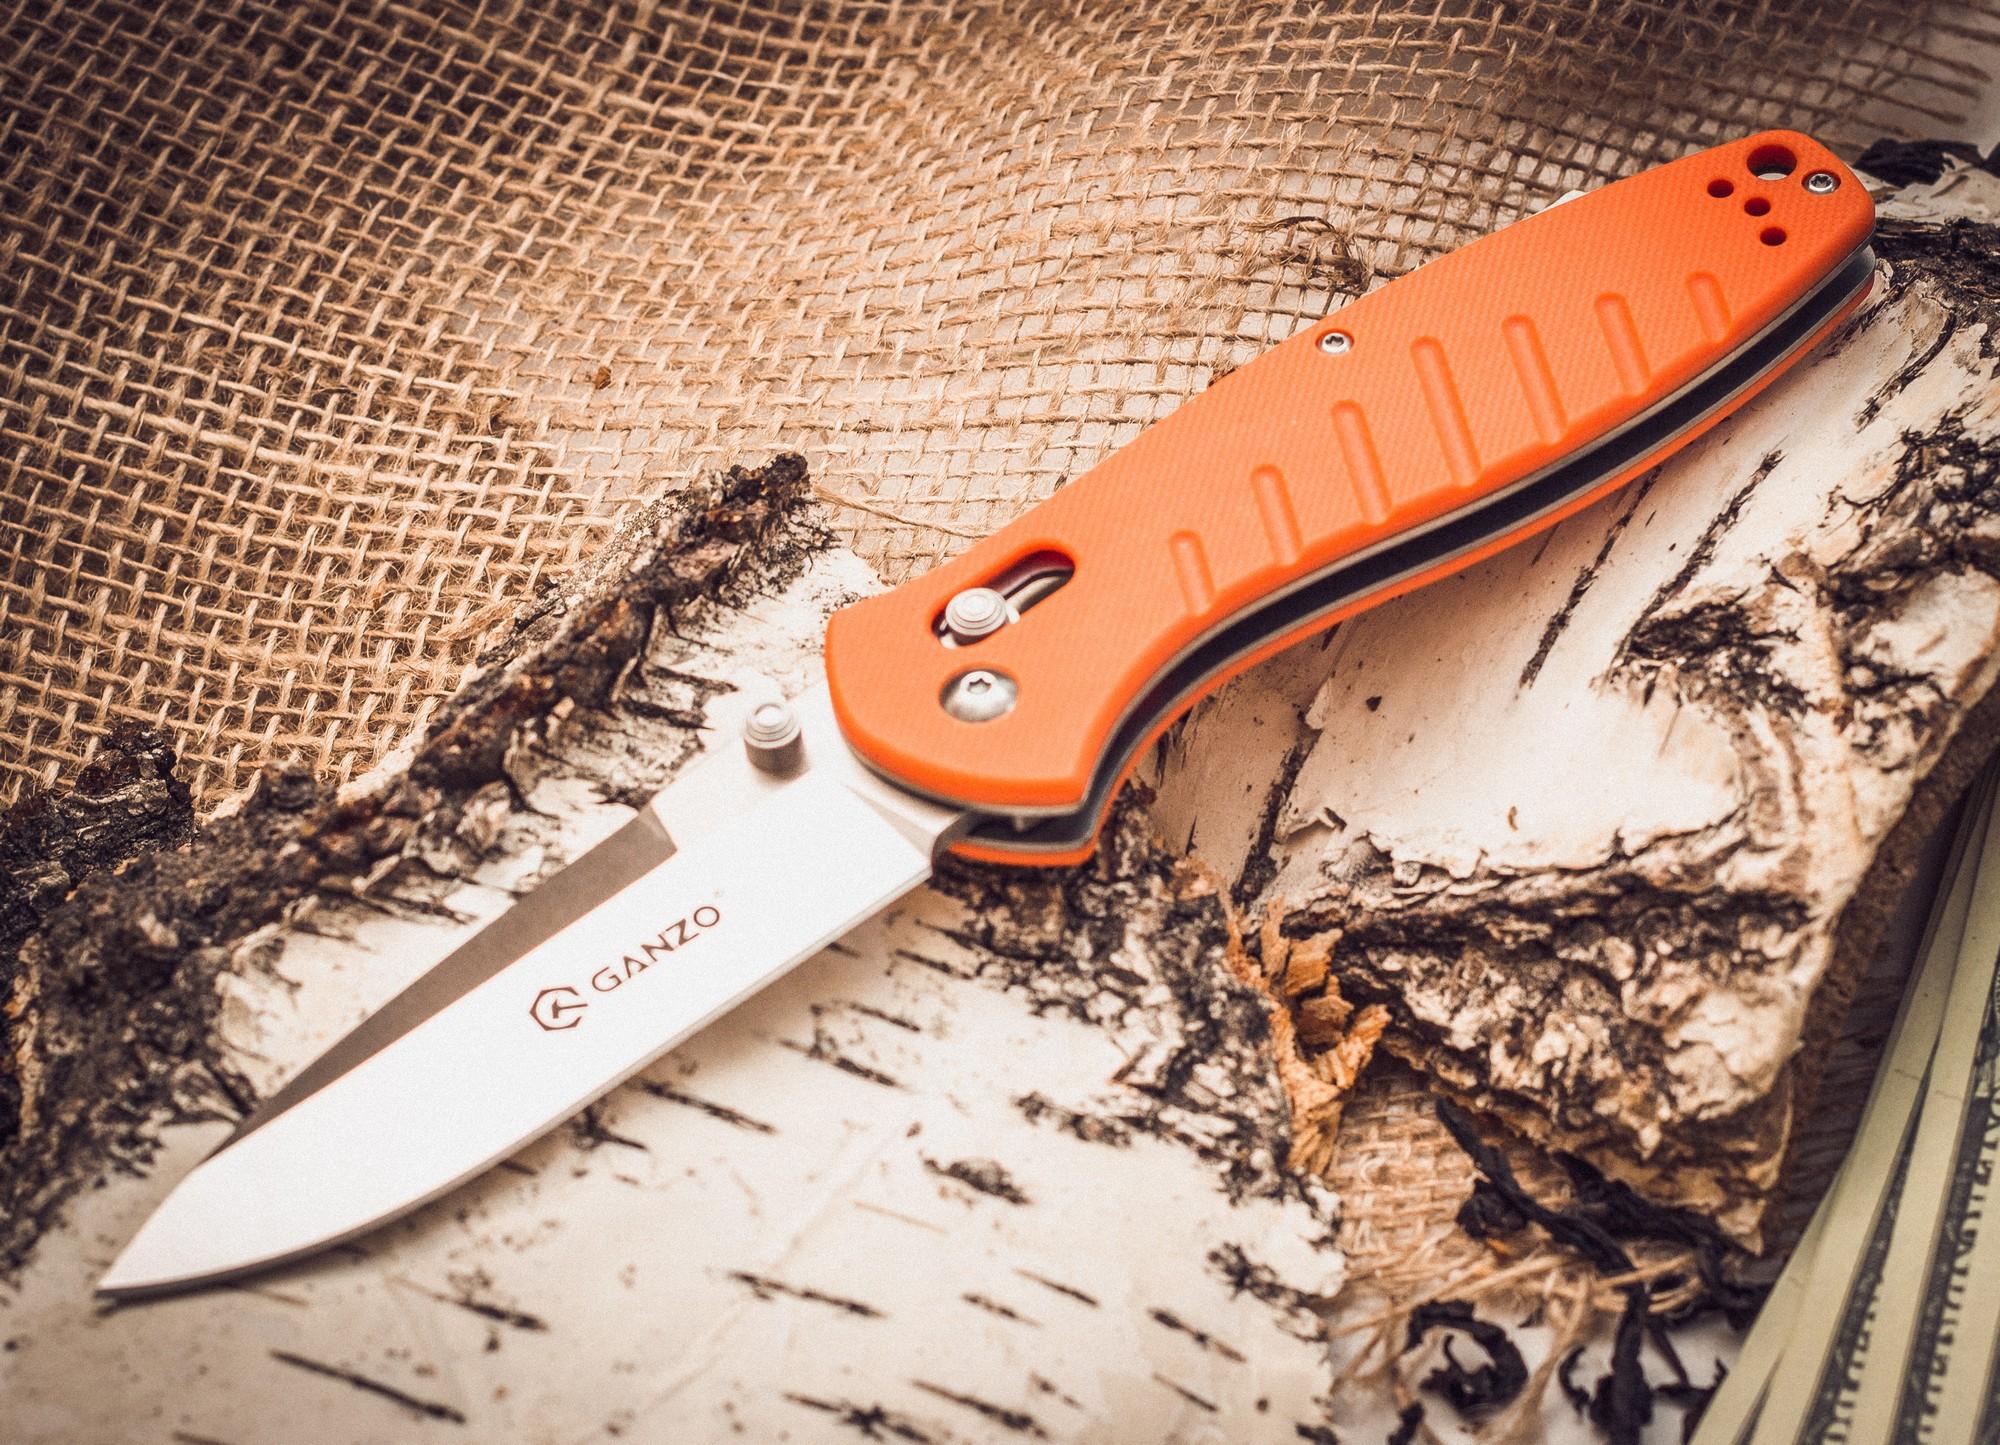 Складной нож Ganzo G738, оранжевый